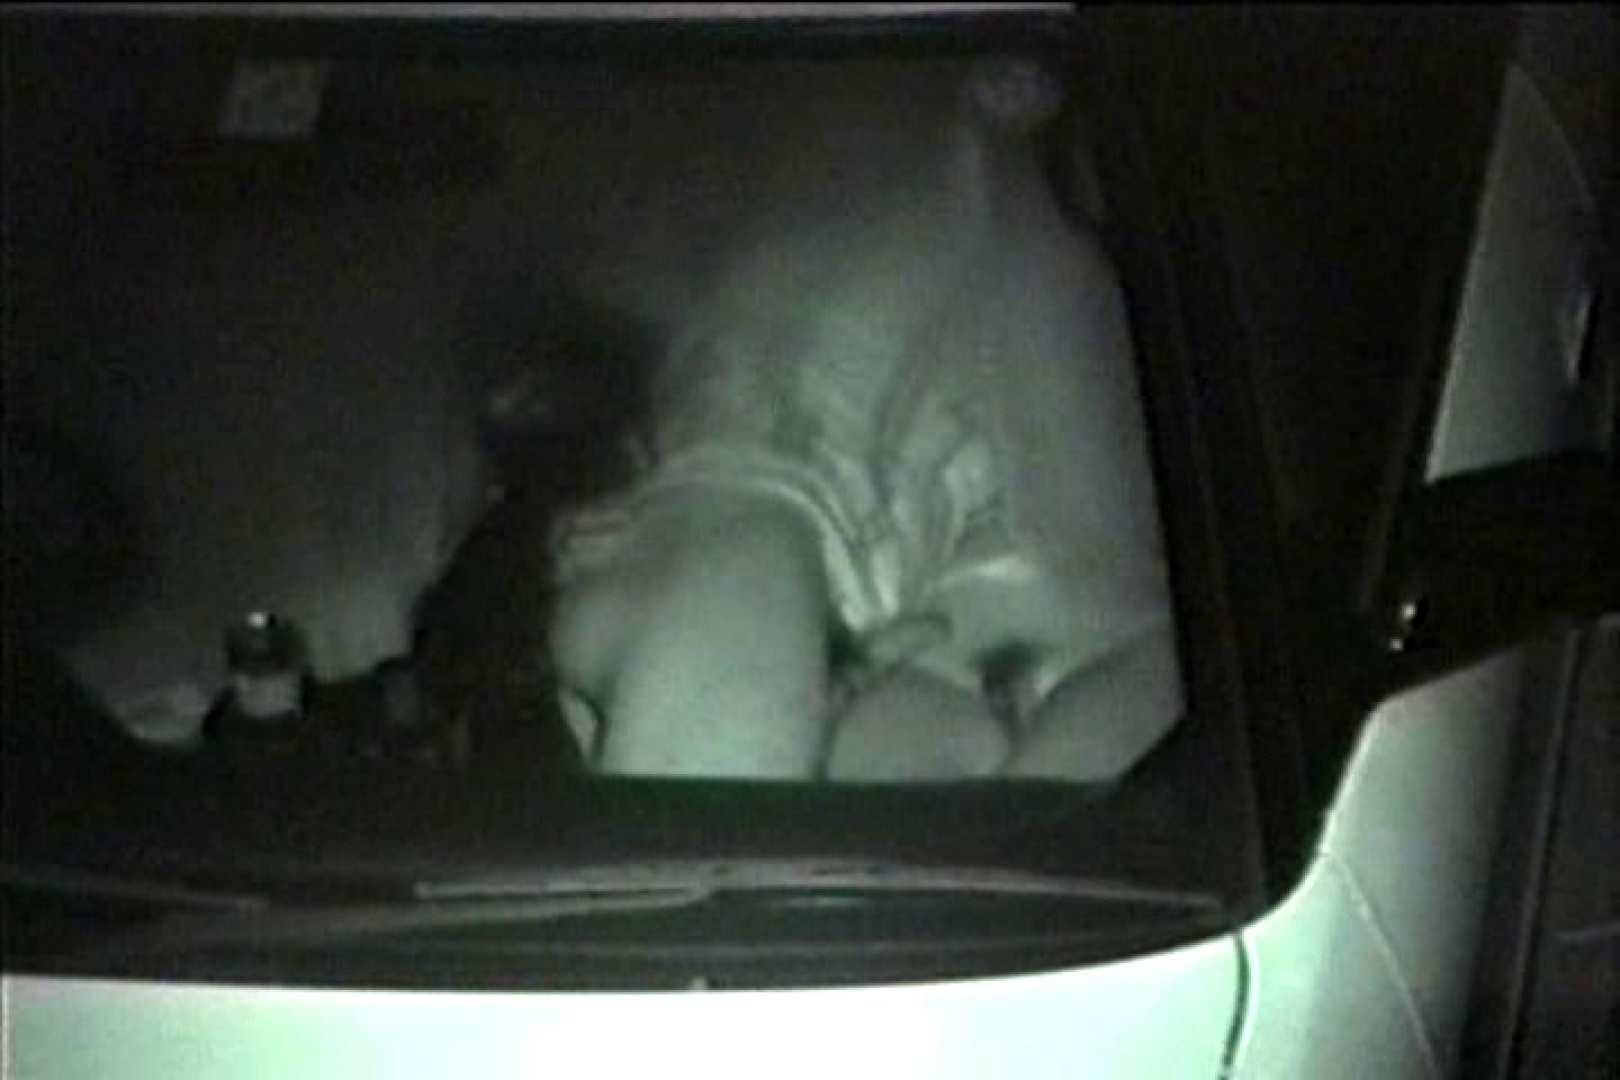 車の中はラブホテル 無修正版  Vol.7 セックス スケベ動画紹介 84pic 83